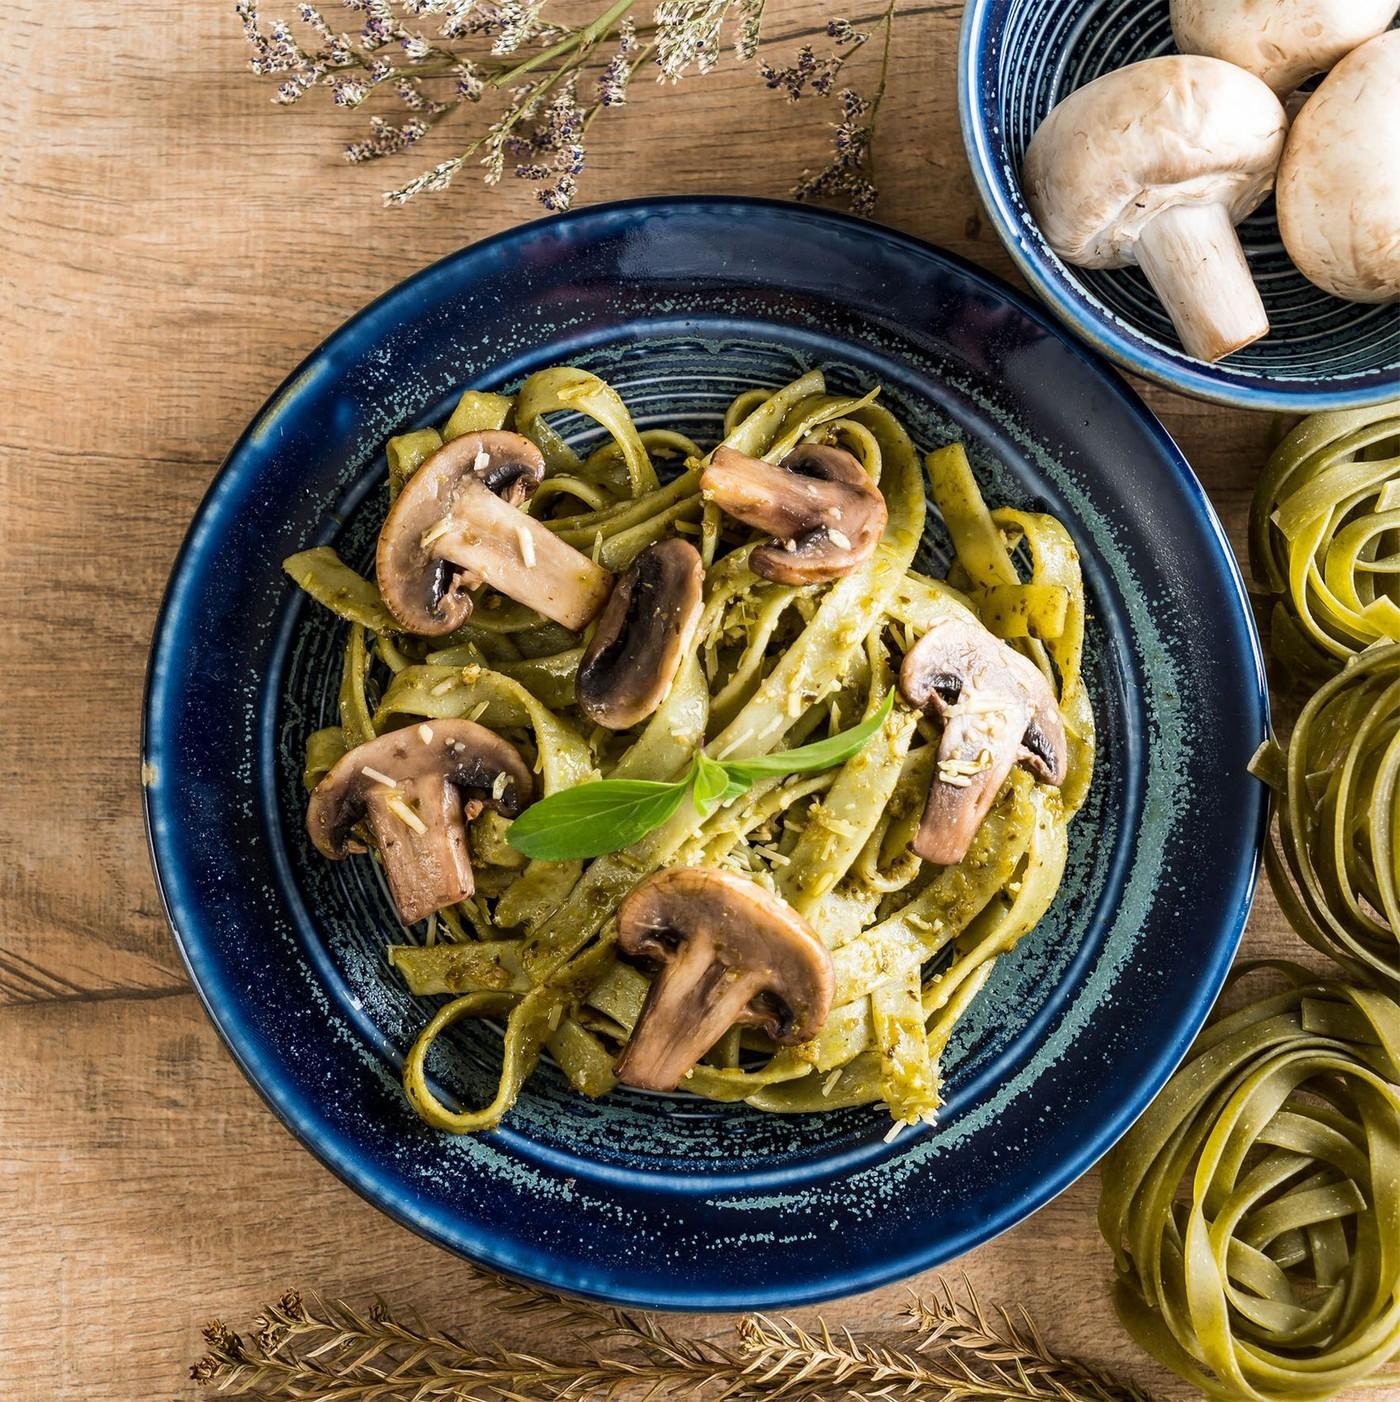 receta de Fettuccine Uovo Con Spinaci N.310